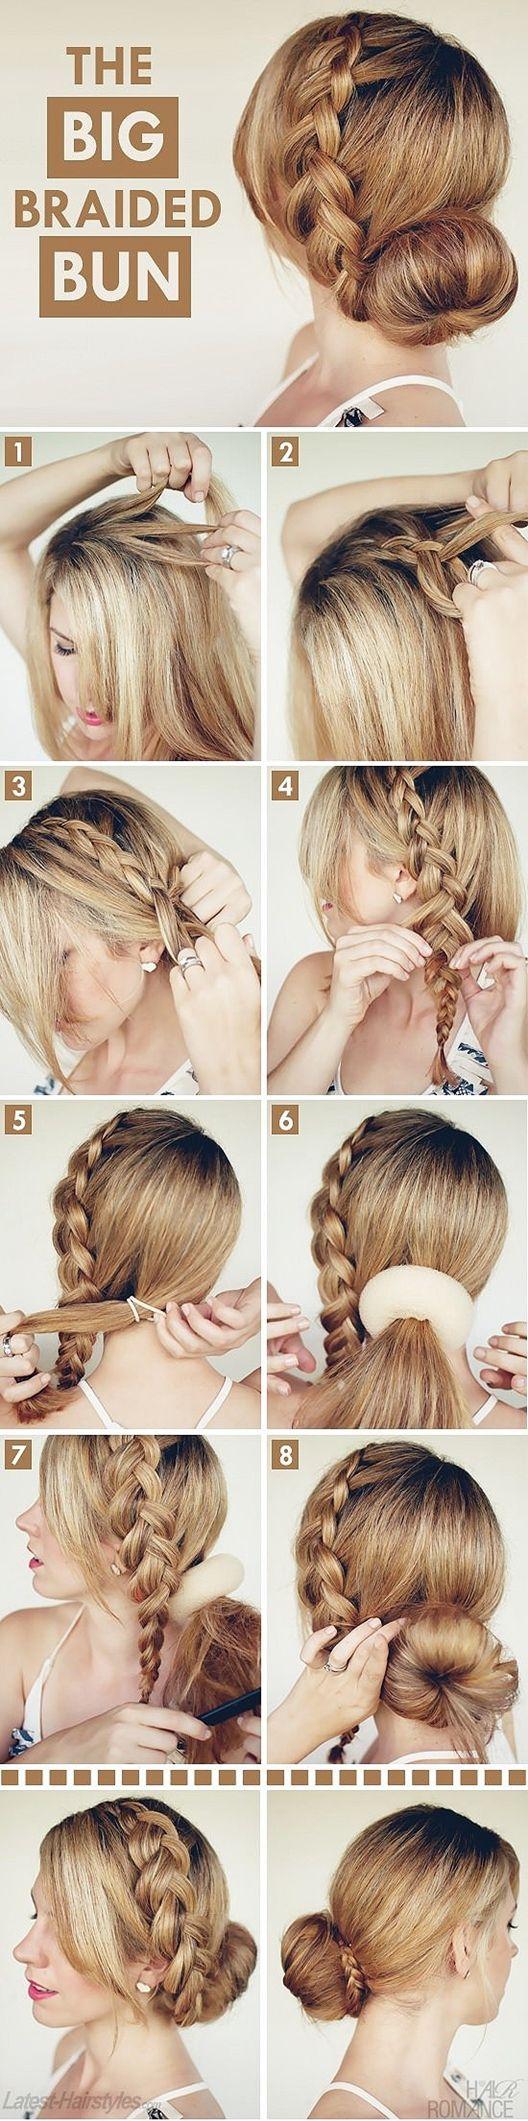 Top hair braid tutorials hair style